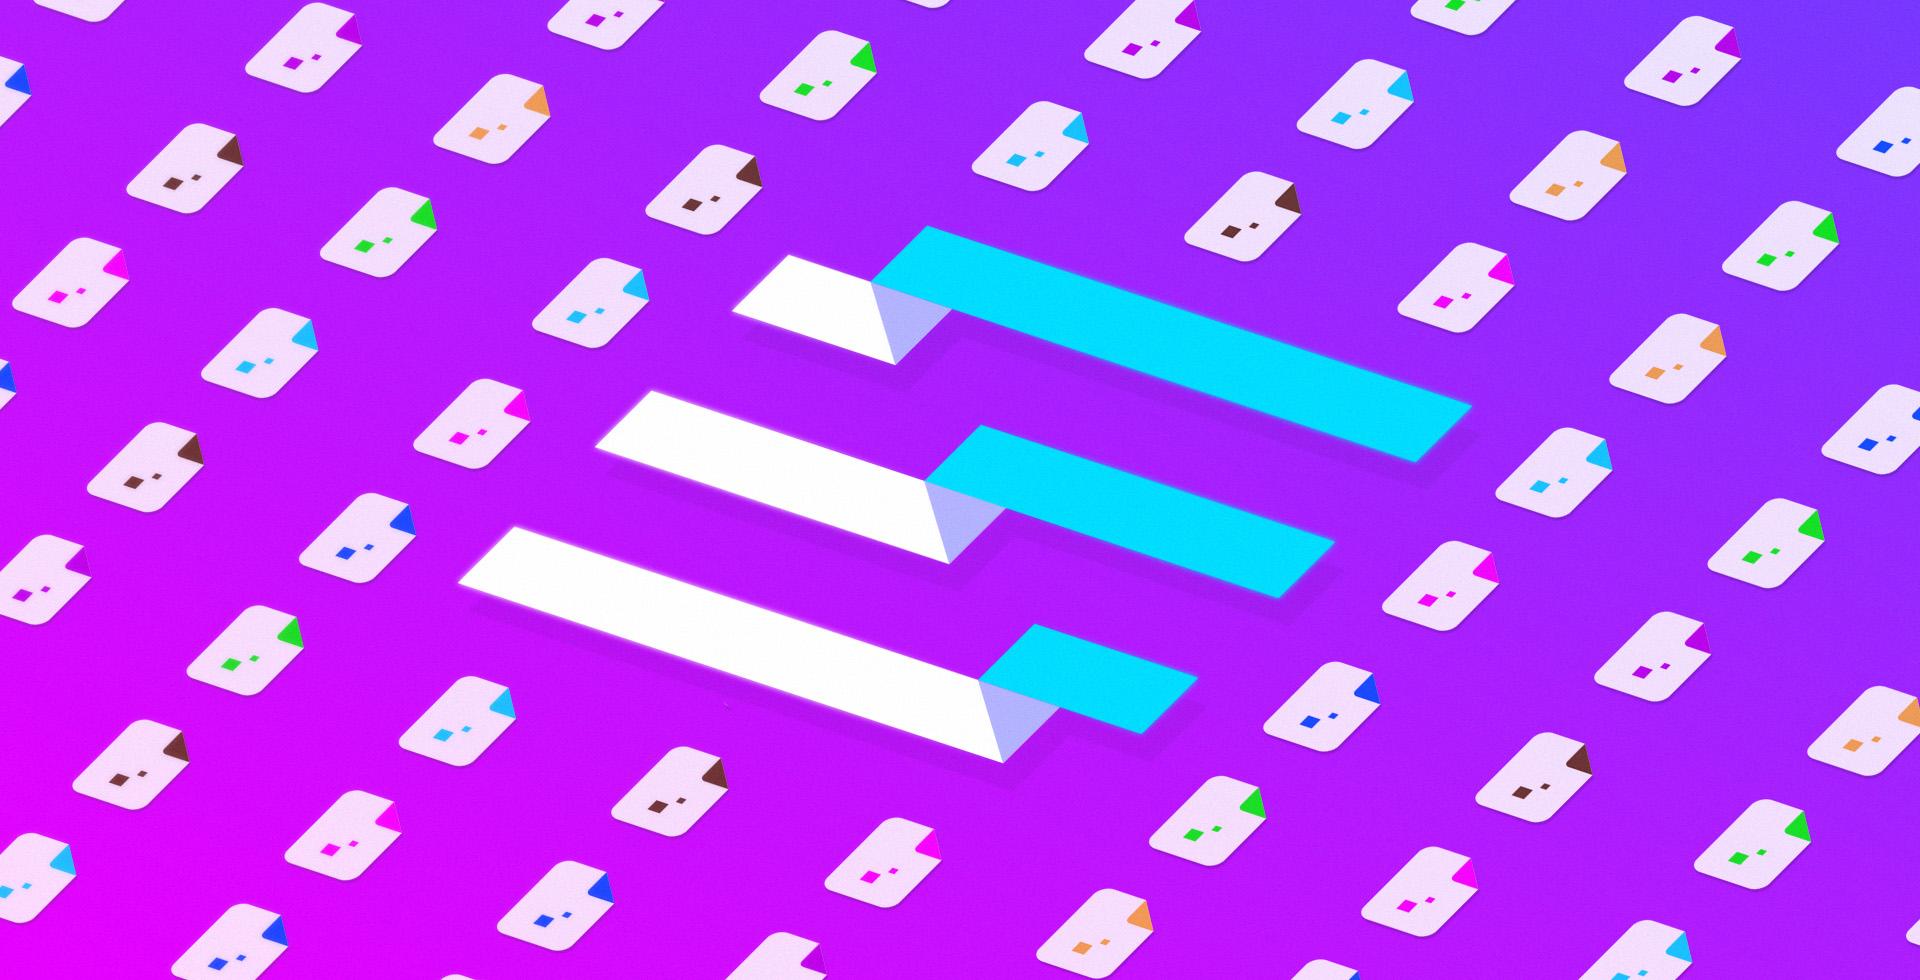 Українці створили бота для Телеграму, який збирає пости зі всіх каналів в одну стрічку